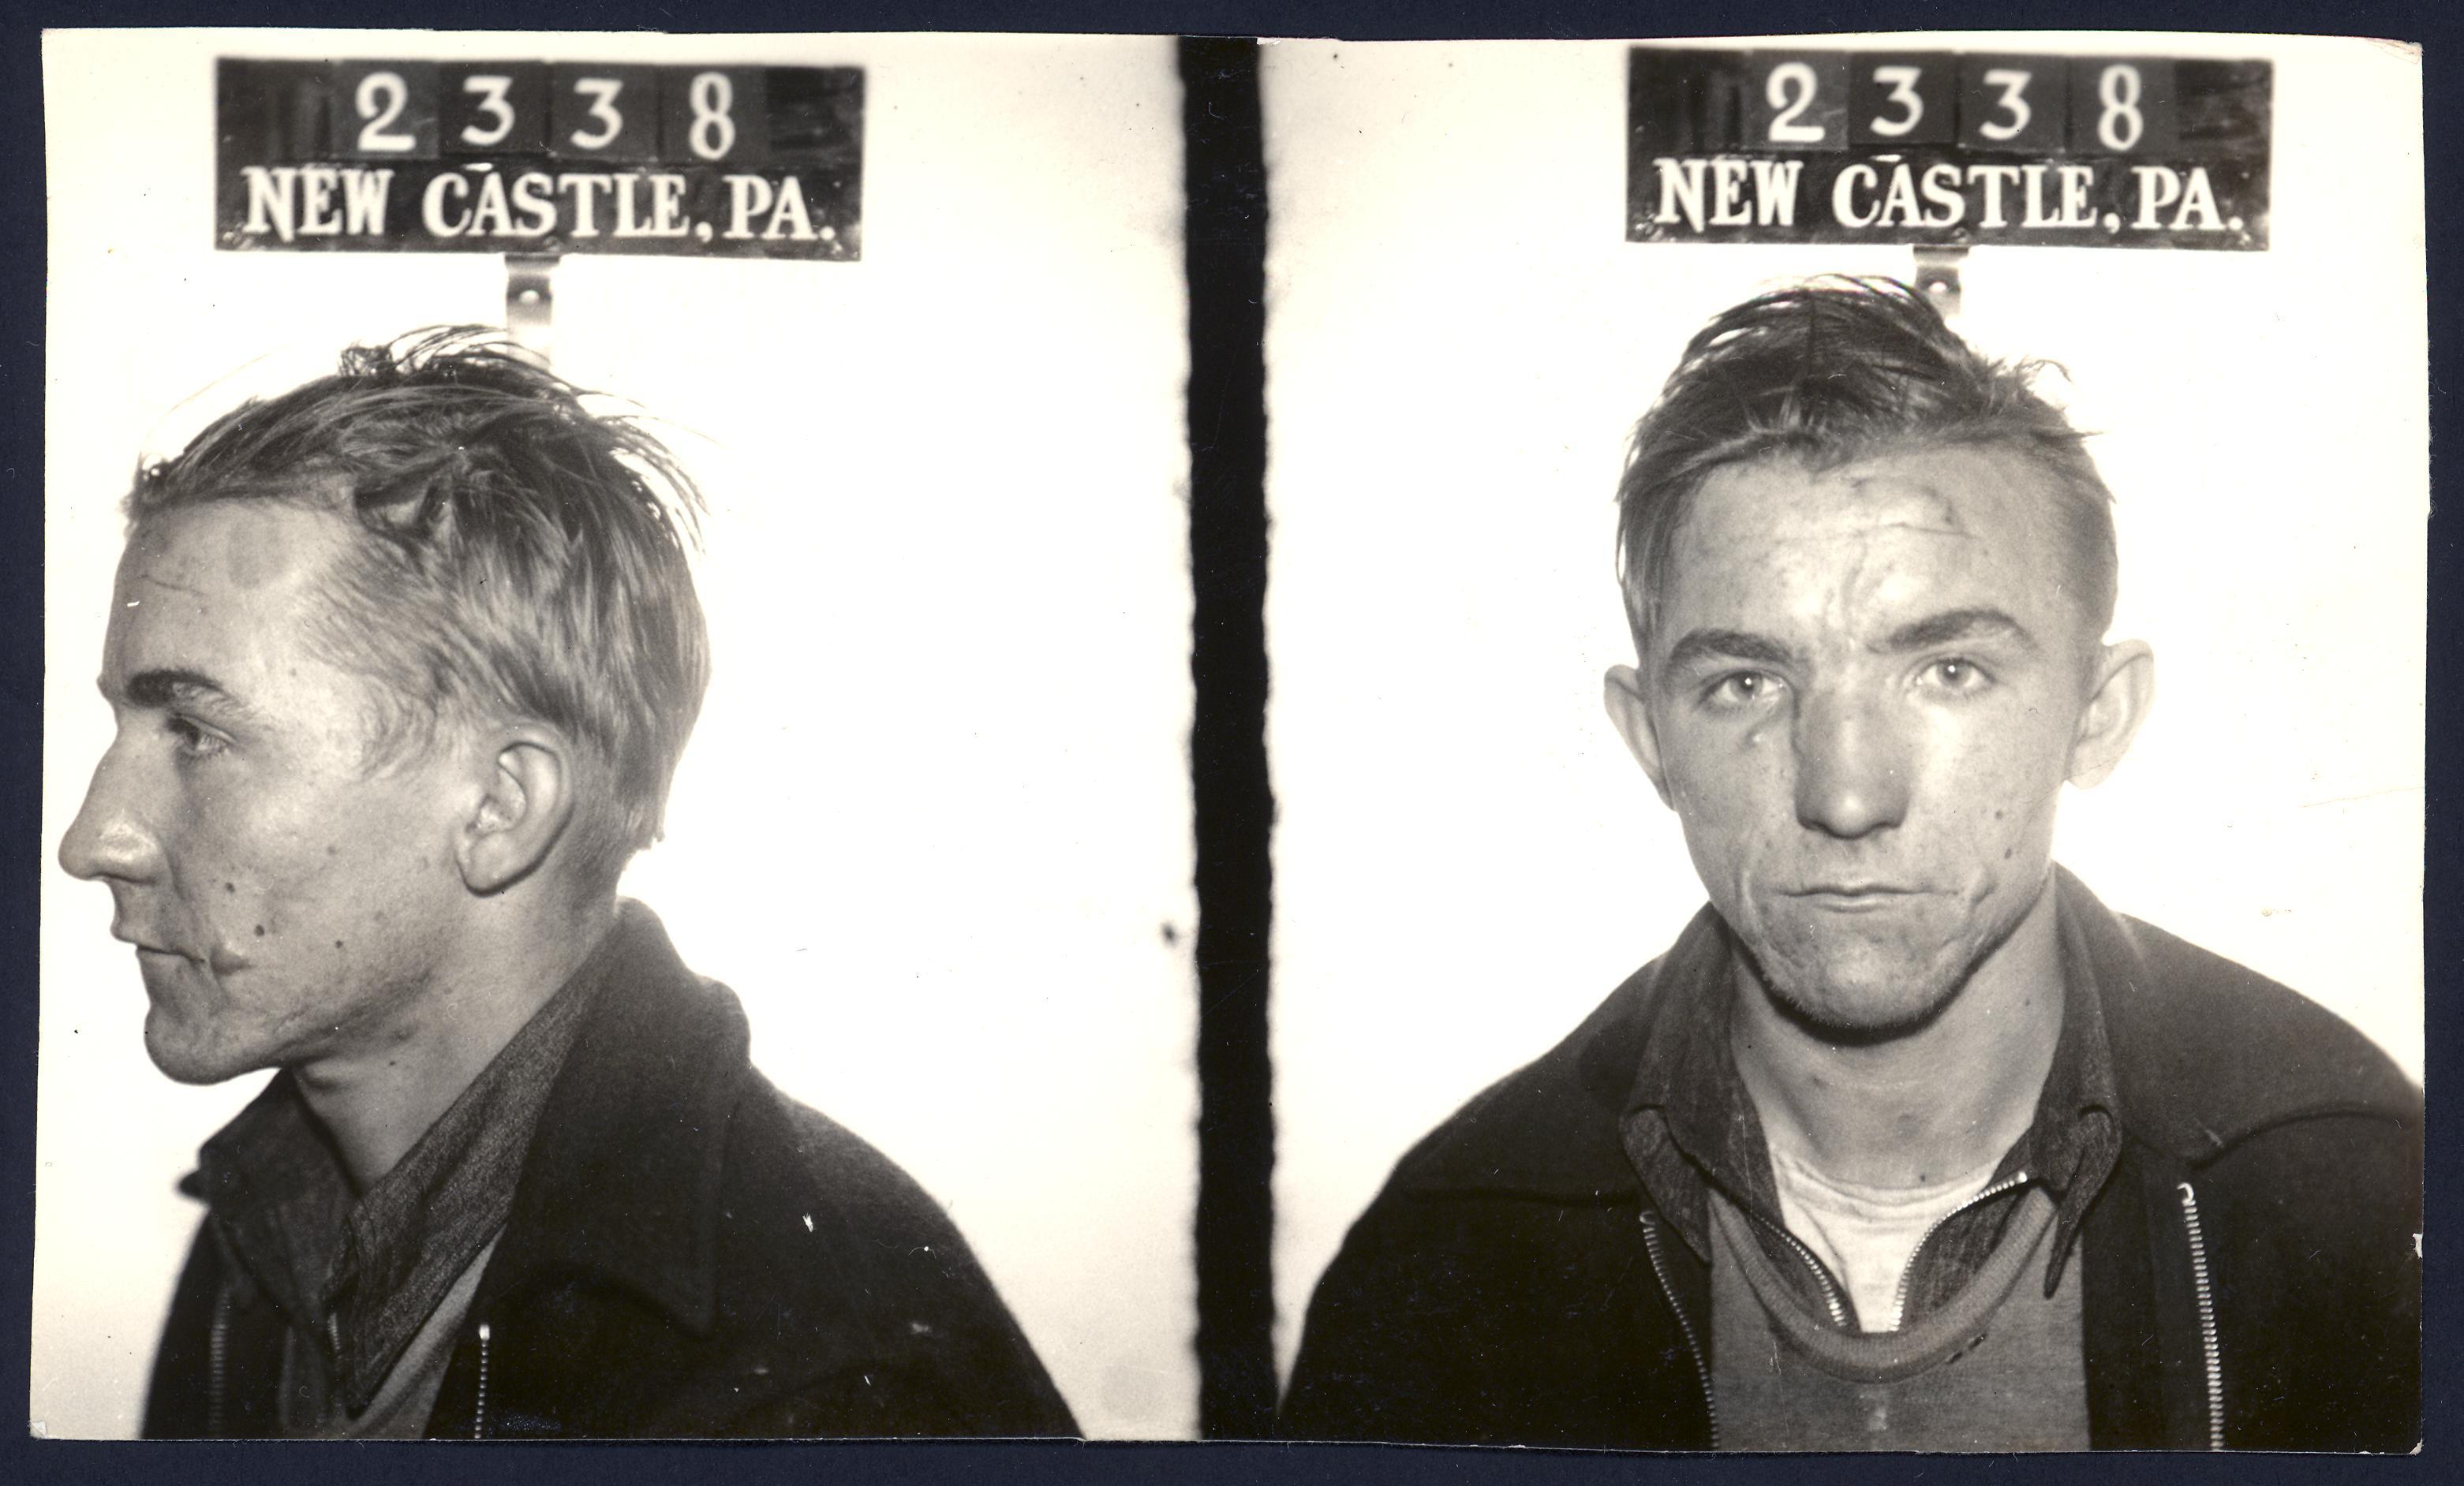 Edward Kozol tenía 17 años cuando le detuvieron, en 1937, por robar chatarra. Murió en el desembarco de Normandía a los 23 (smalltownnoir.com)